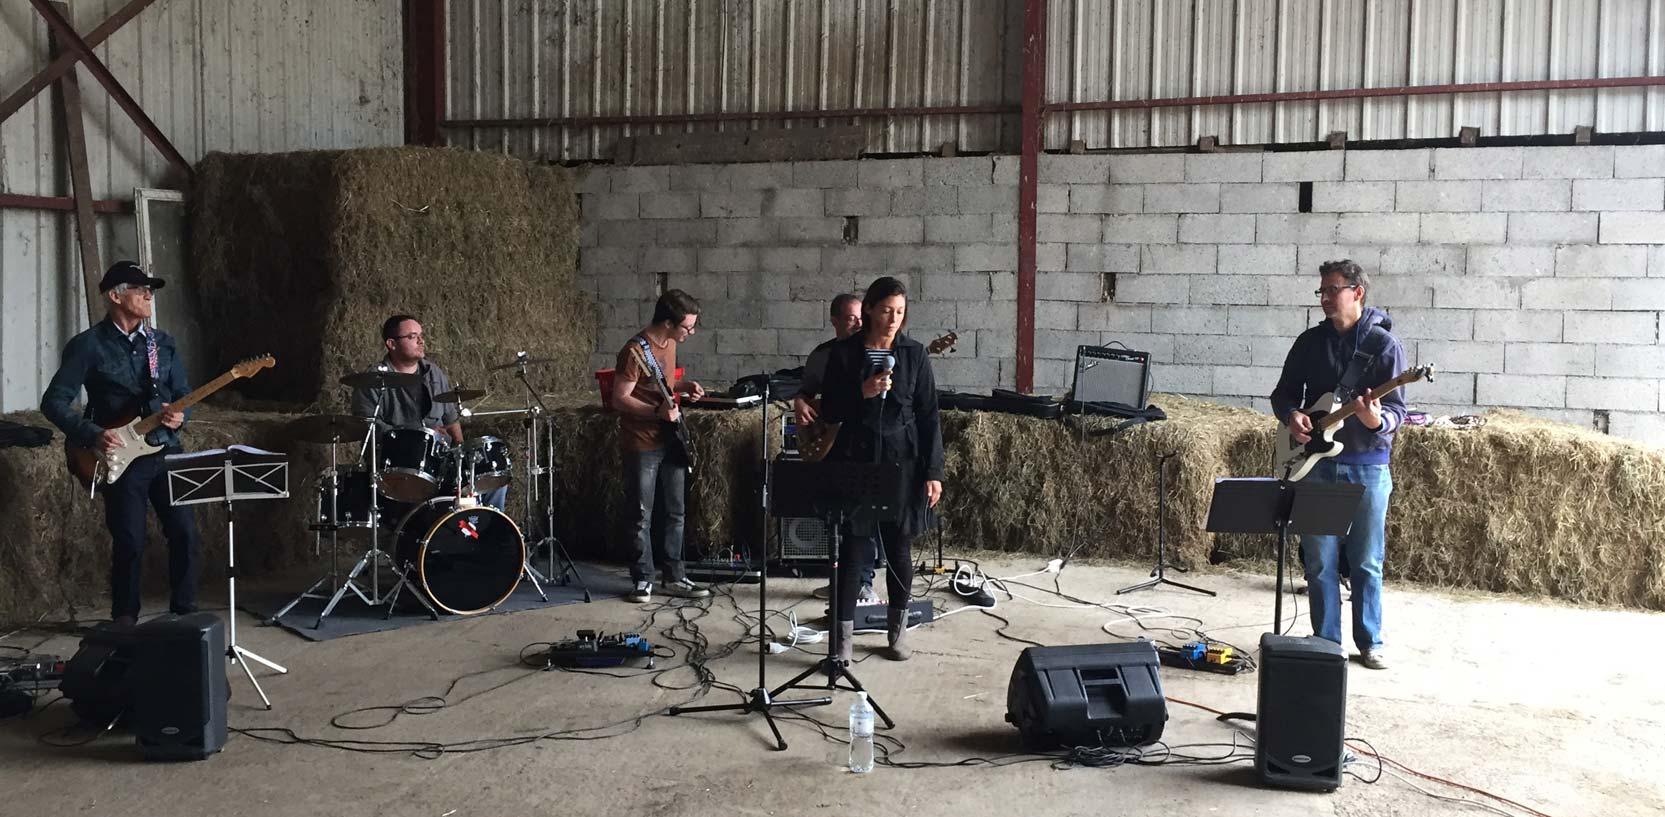 Groupe musical à la ferme lors des JEP 2016